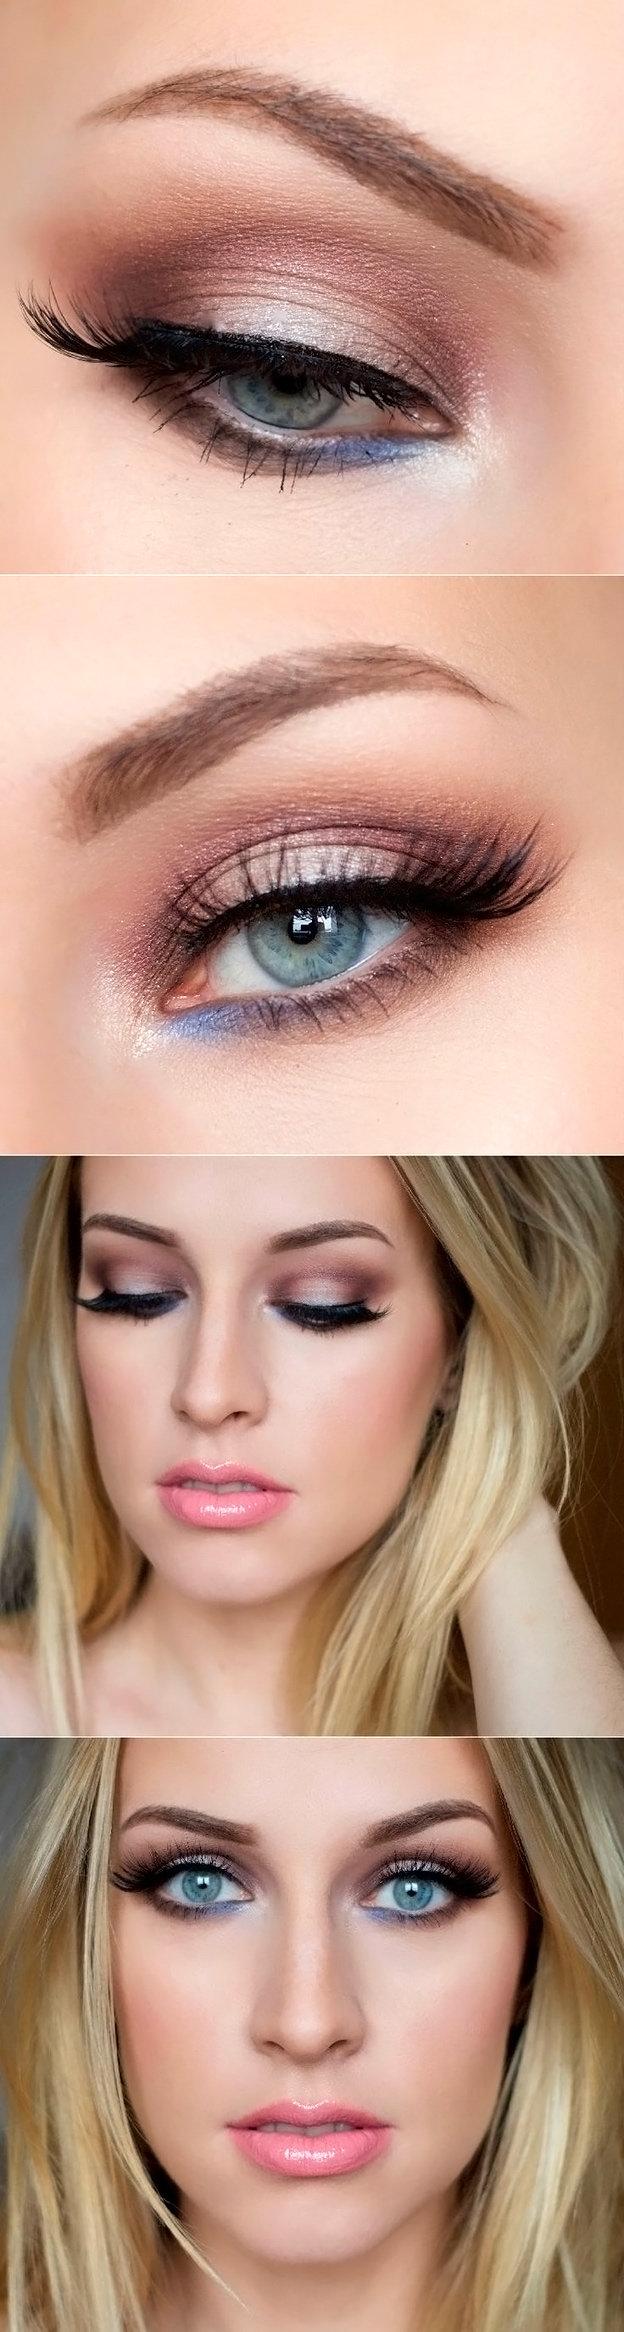 Макияж для голубых глаз: пошаговое фото красивого мейкапа